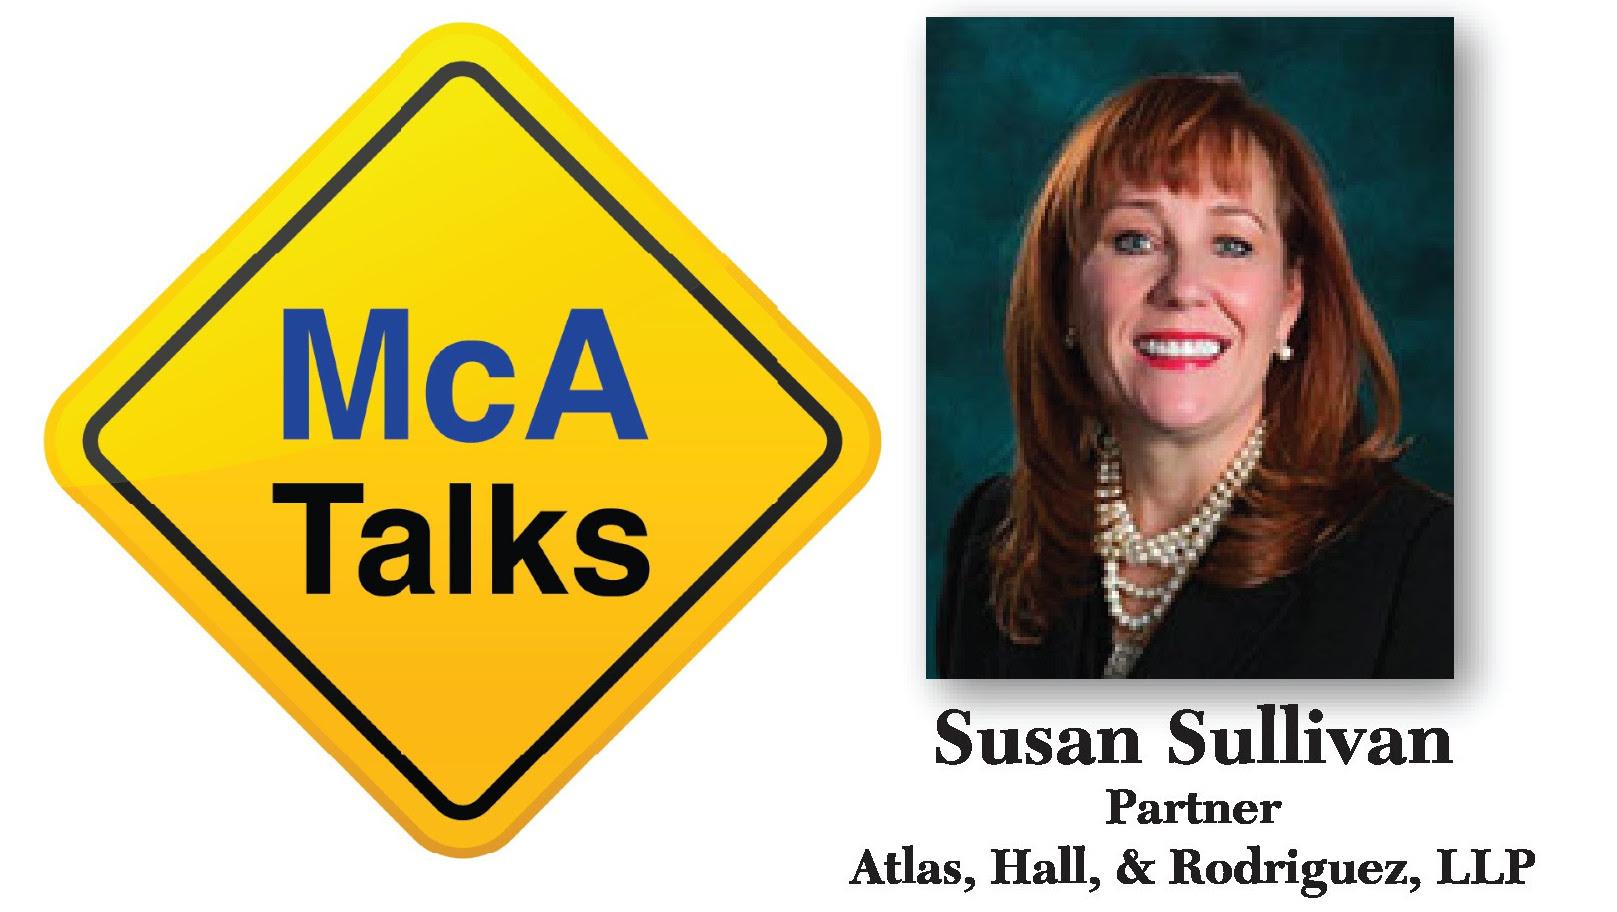 McA Talks Sullivan